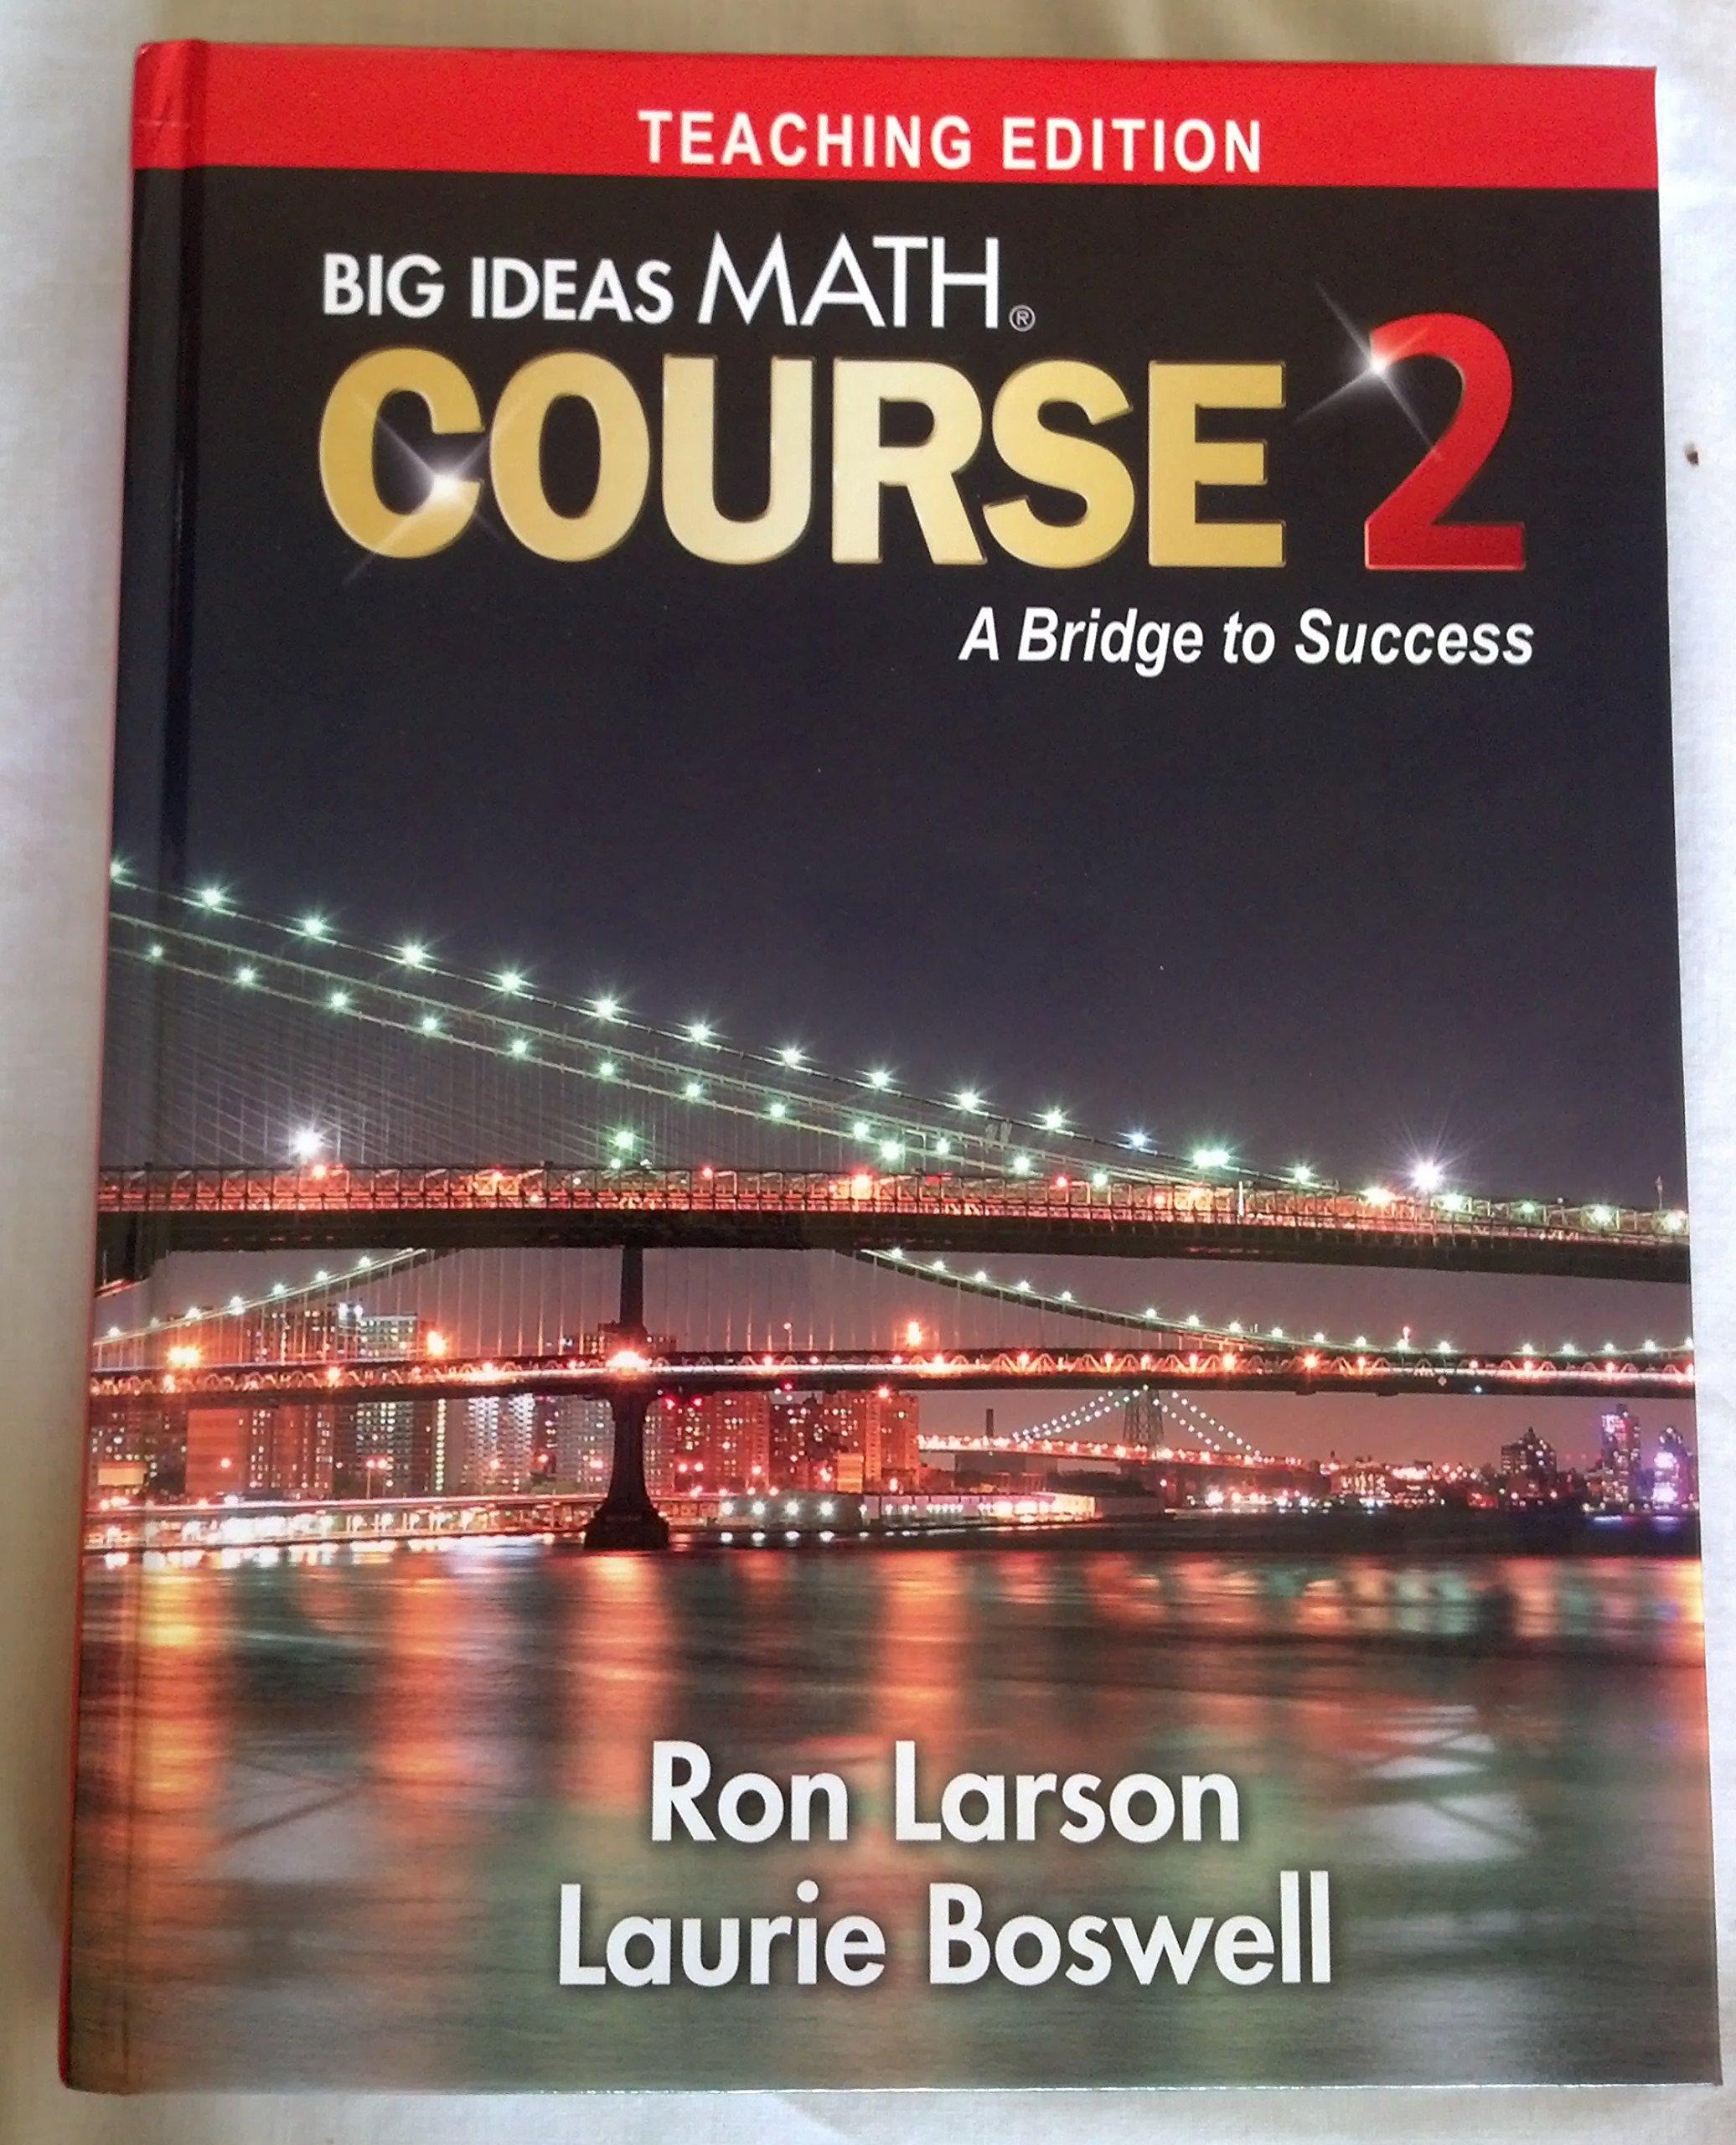 Big Ideas Math Course 2 - A Bridge to Success Teaching